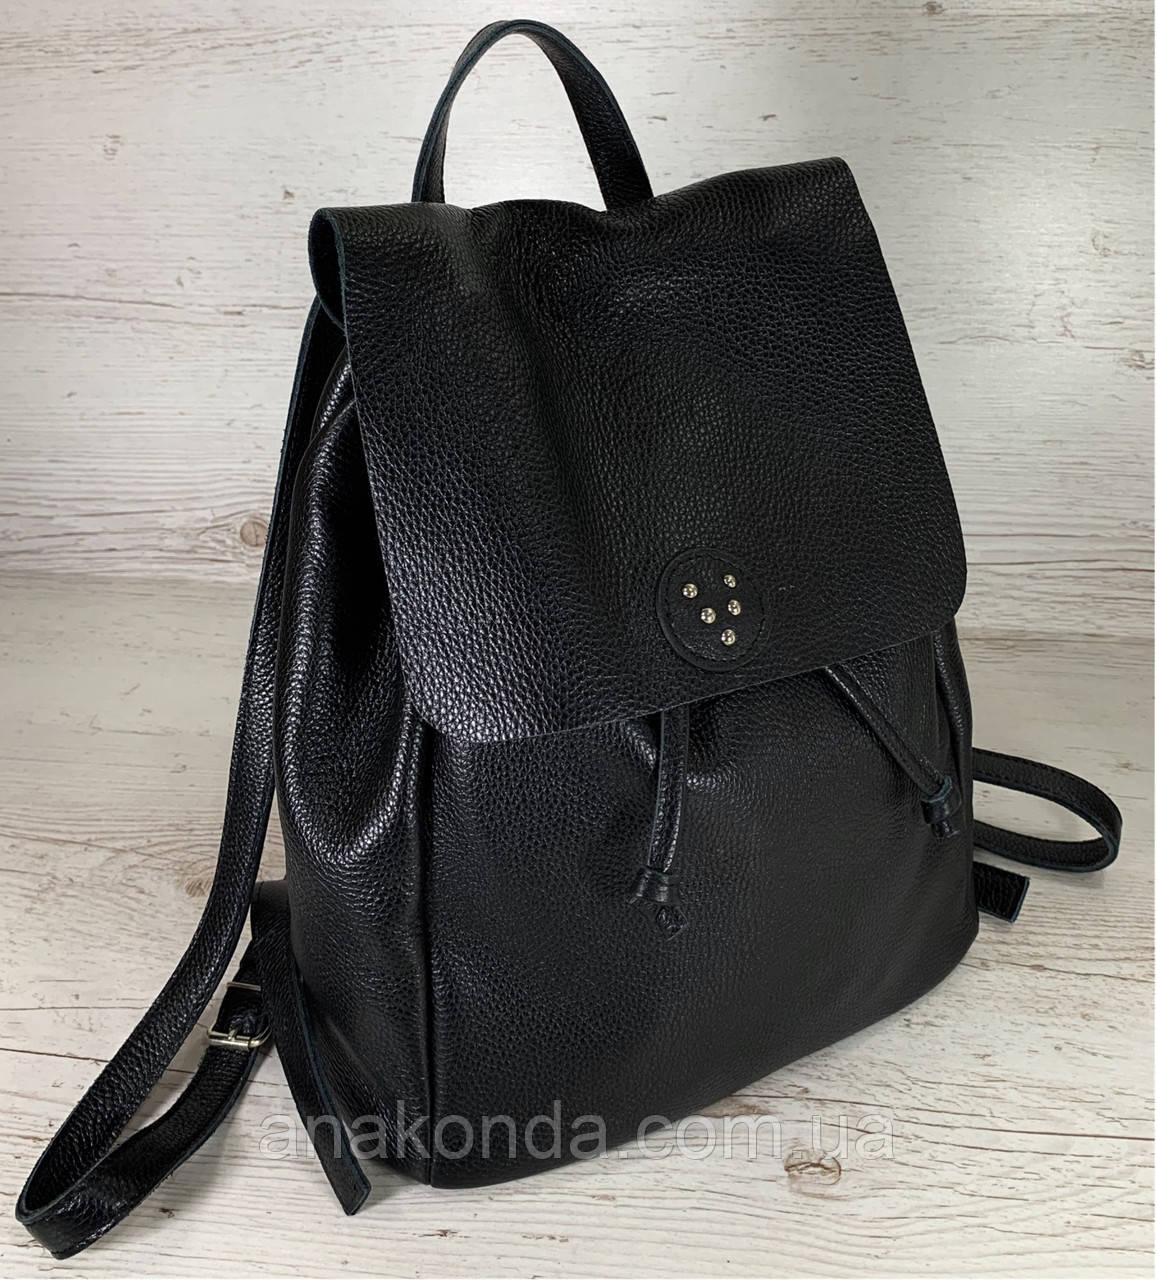 661 Натуральная кожа Городской А-4+ рюкзак кожаный зеленый рюкзак женский из натуральной кожи черный А4+